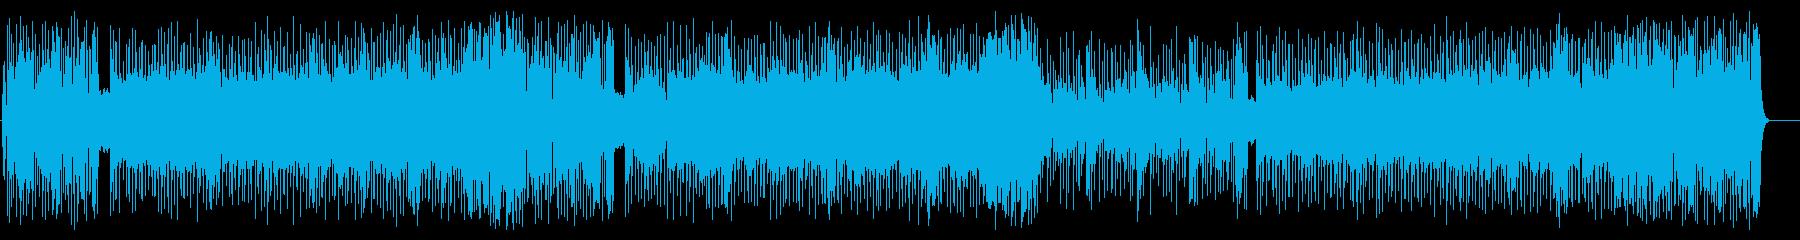 力強いギターワークが映える技巧的ナンバーの再生済みの波形